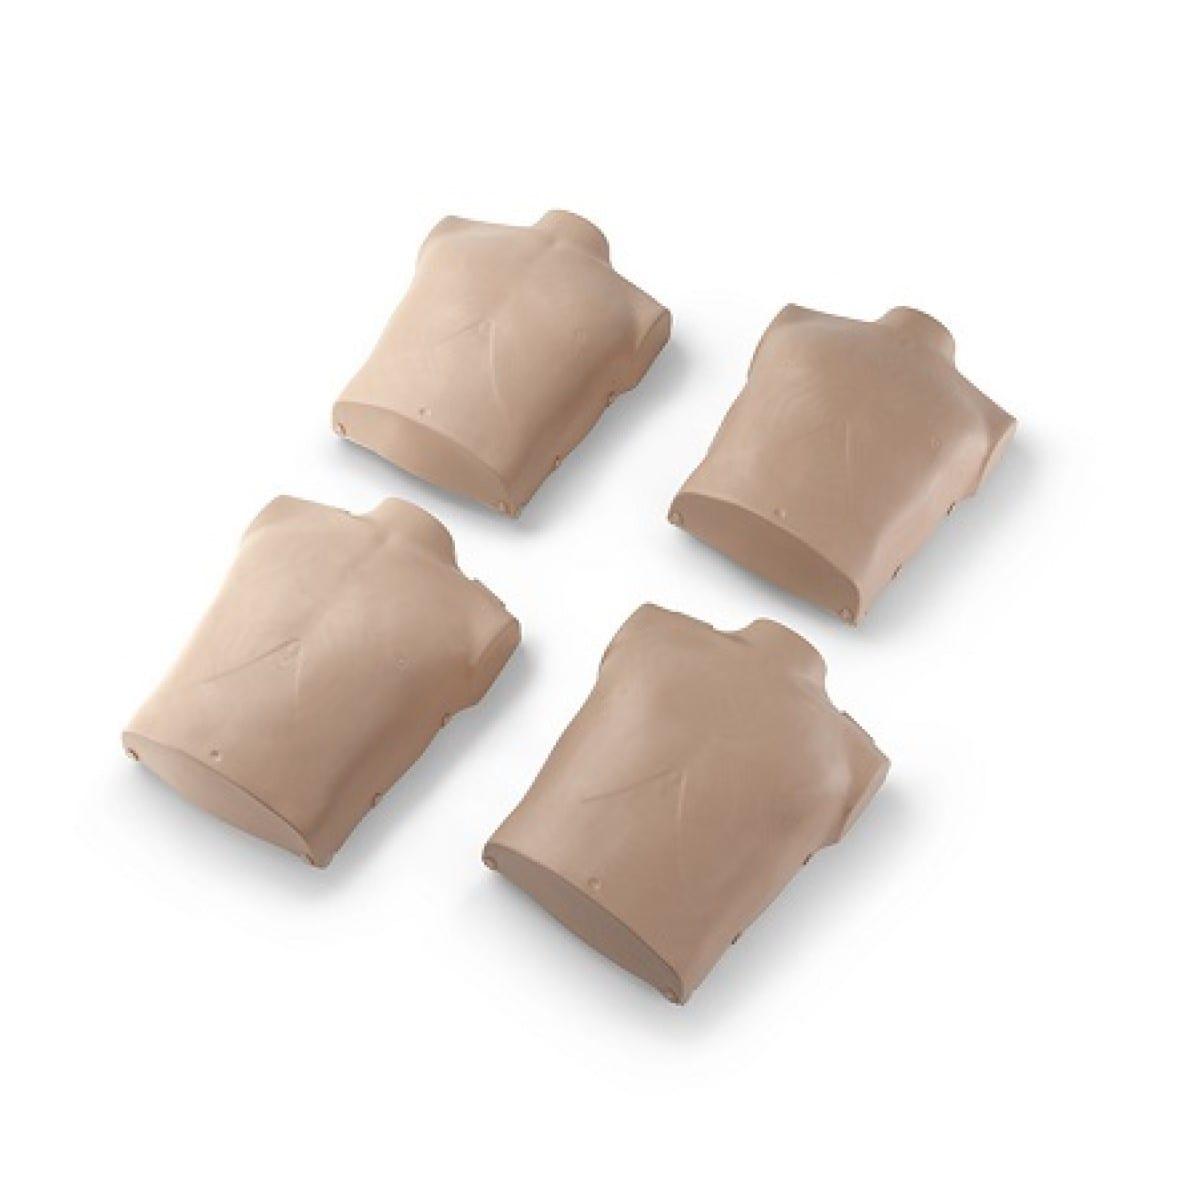 Prestan 4 pack vervangende huid kind torso - Janhofman.nl - 1